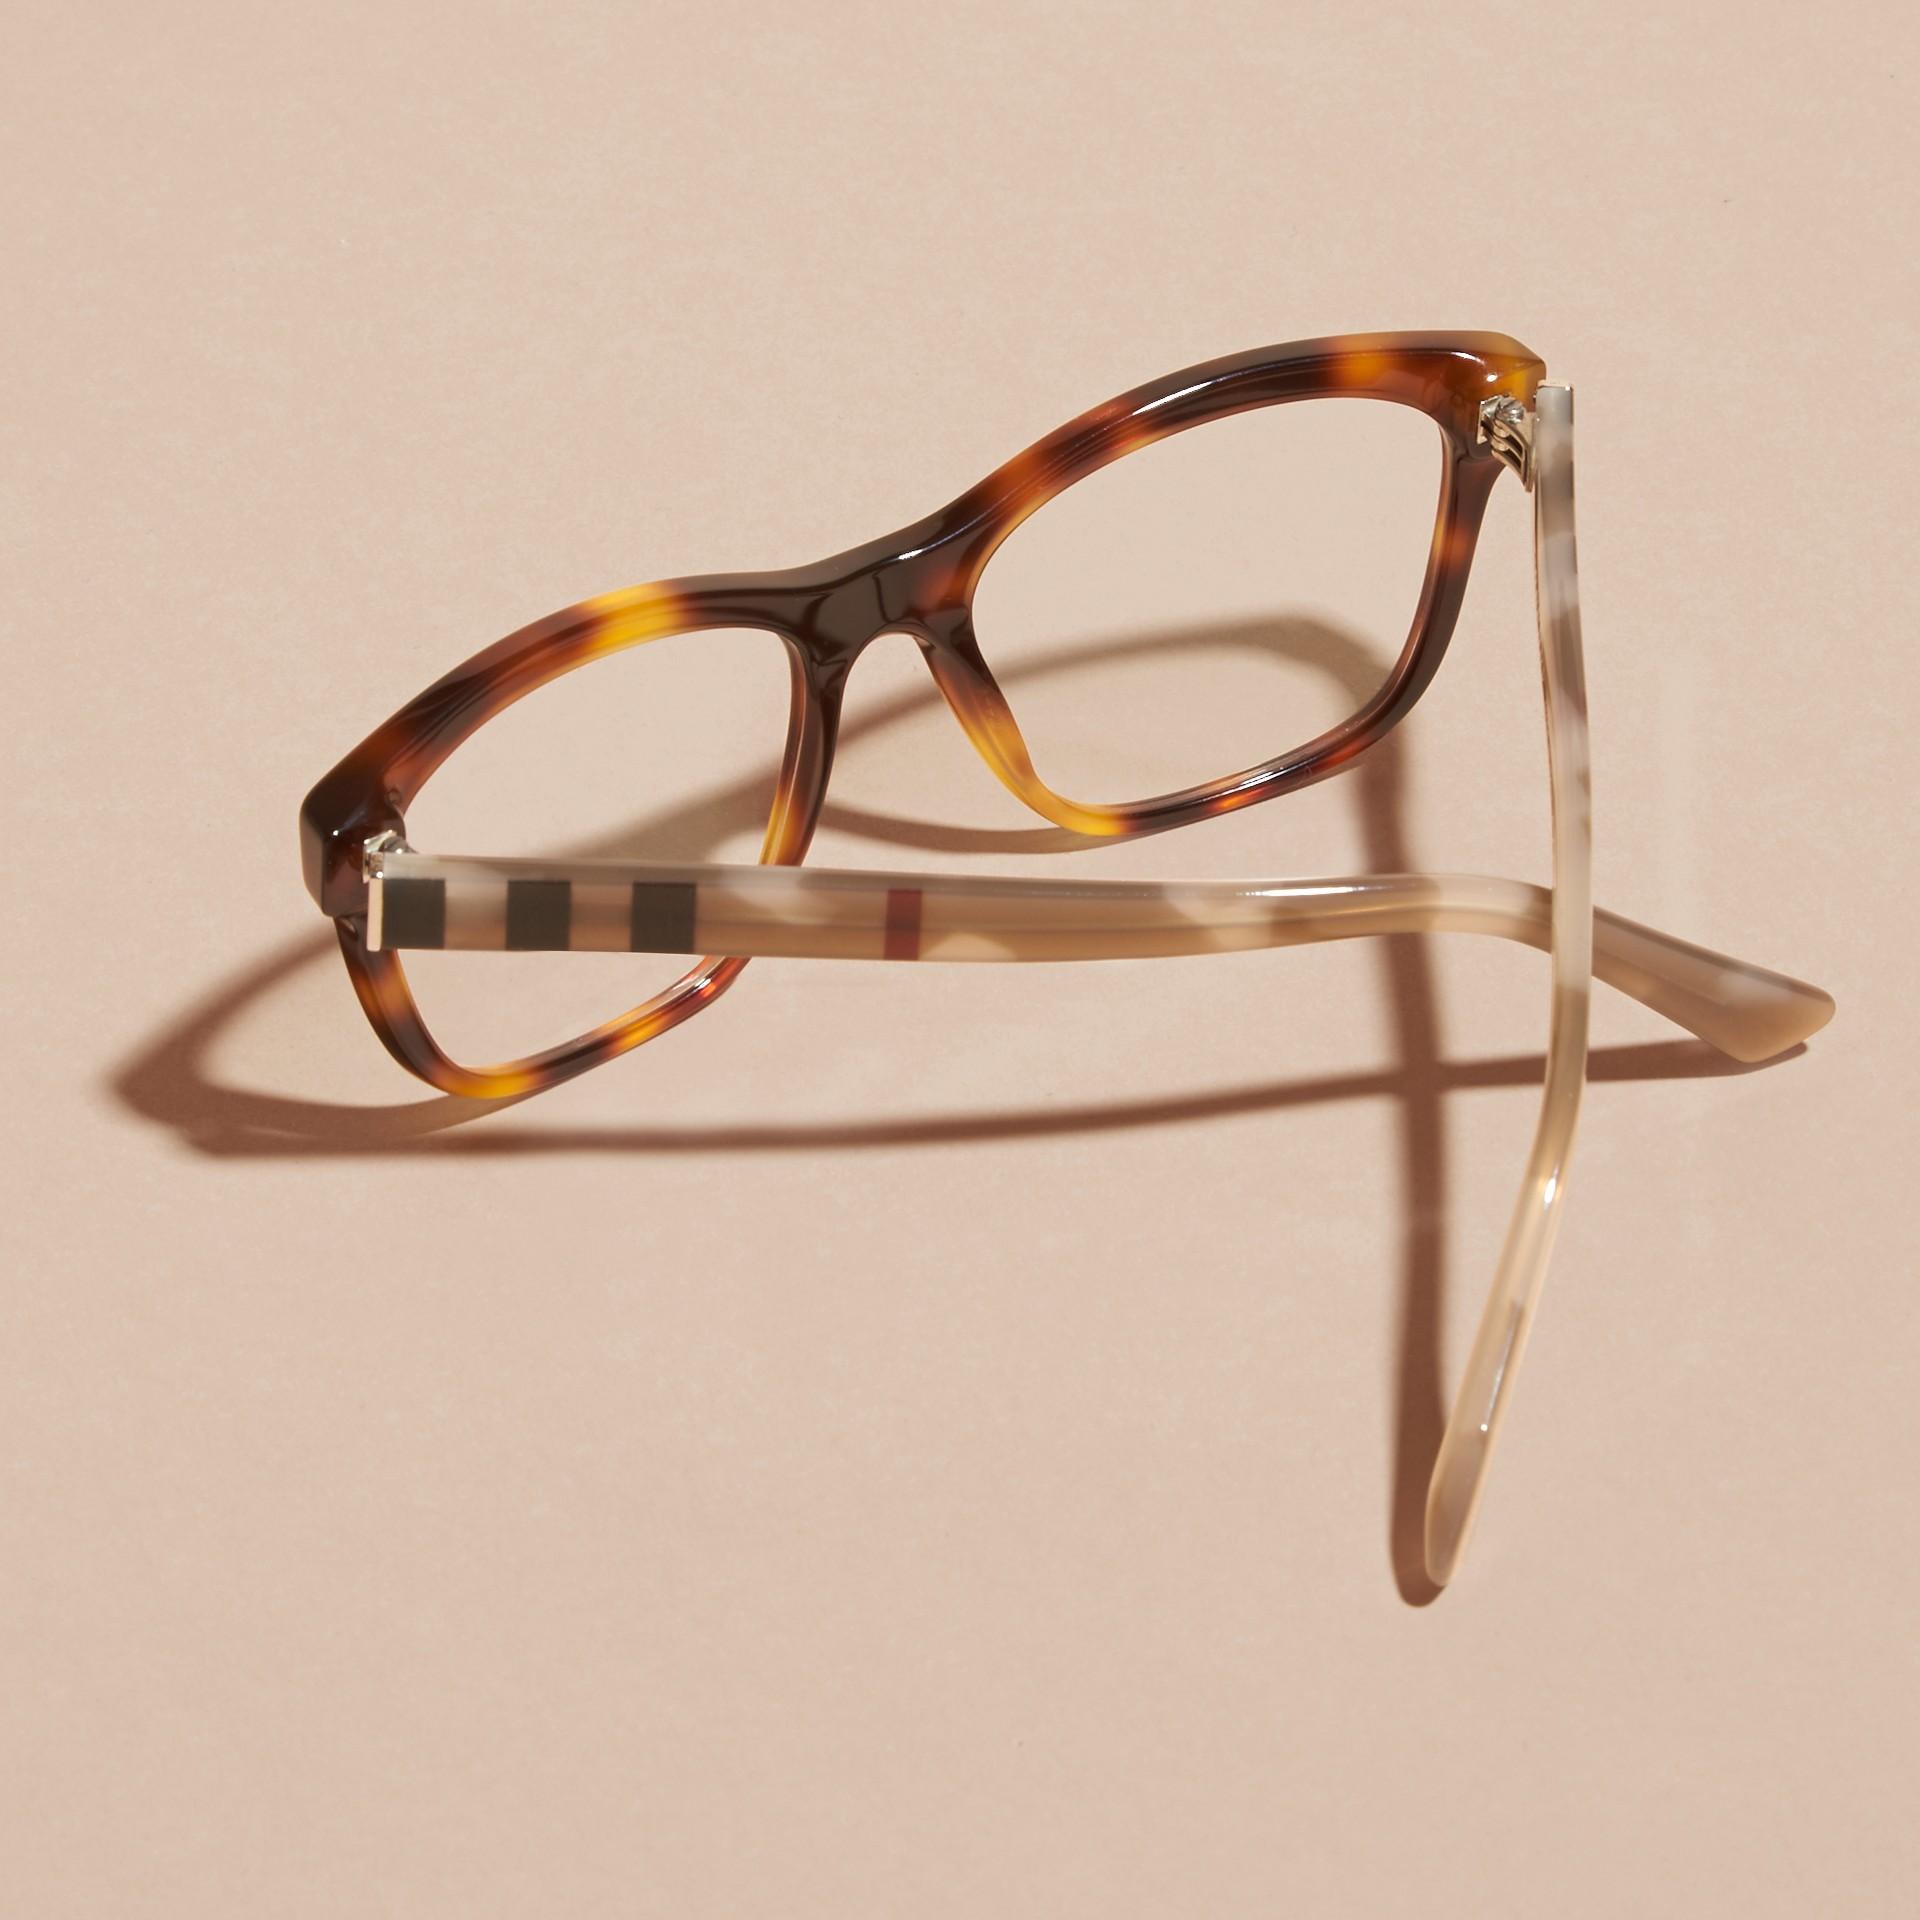 Monture carrée à motif check pour lunettes de vue (Brun Roux Clair) - Femme | Burberry - photo de la galerie 4